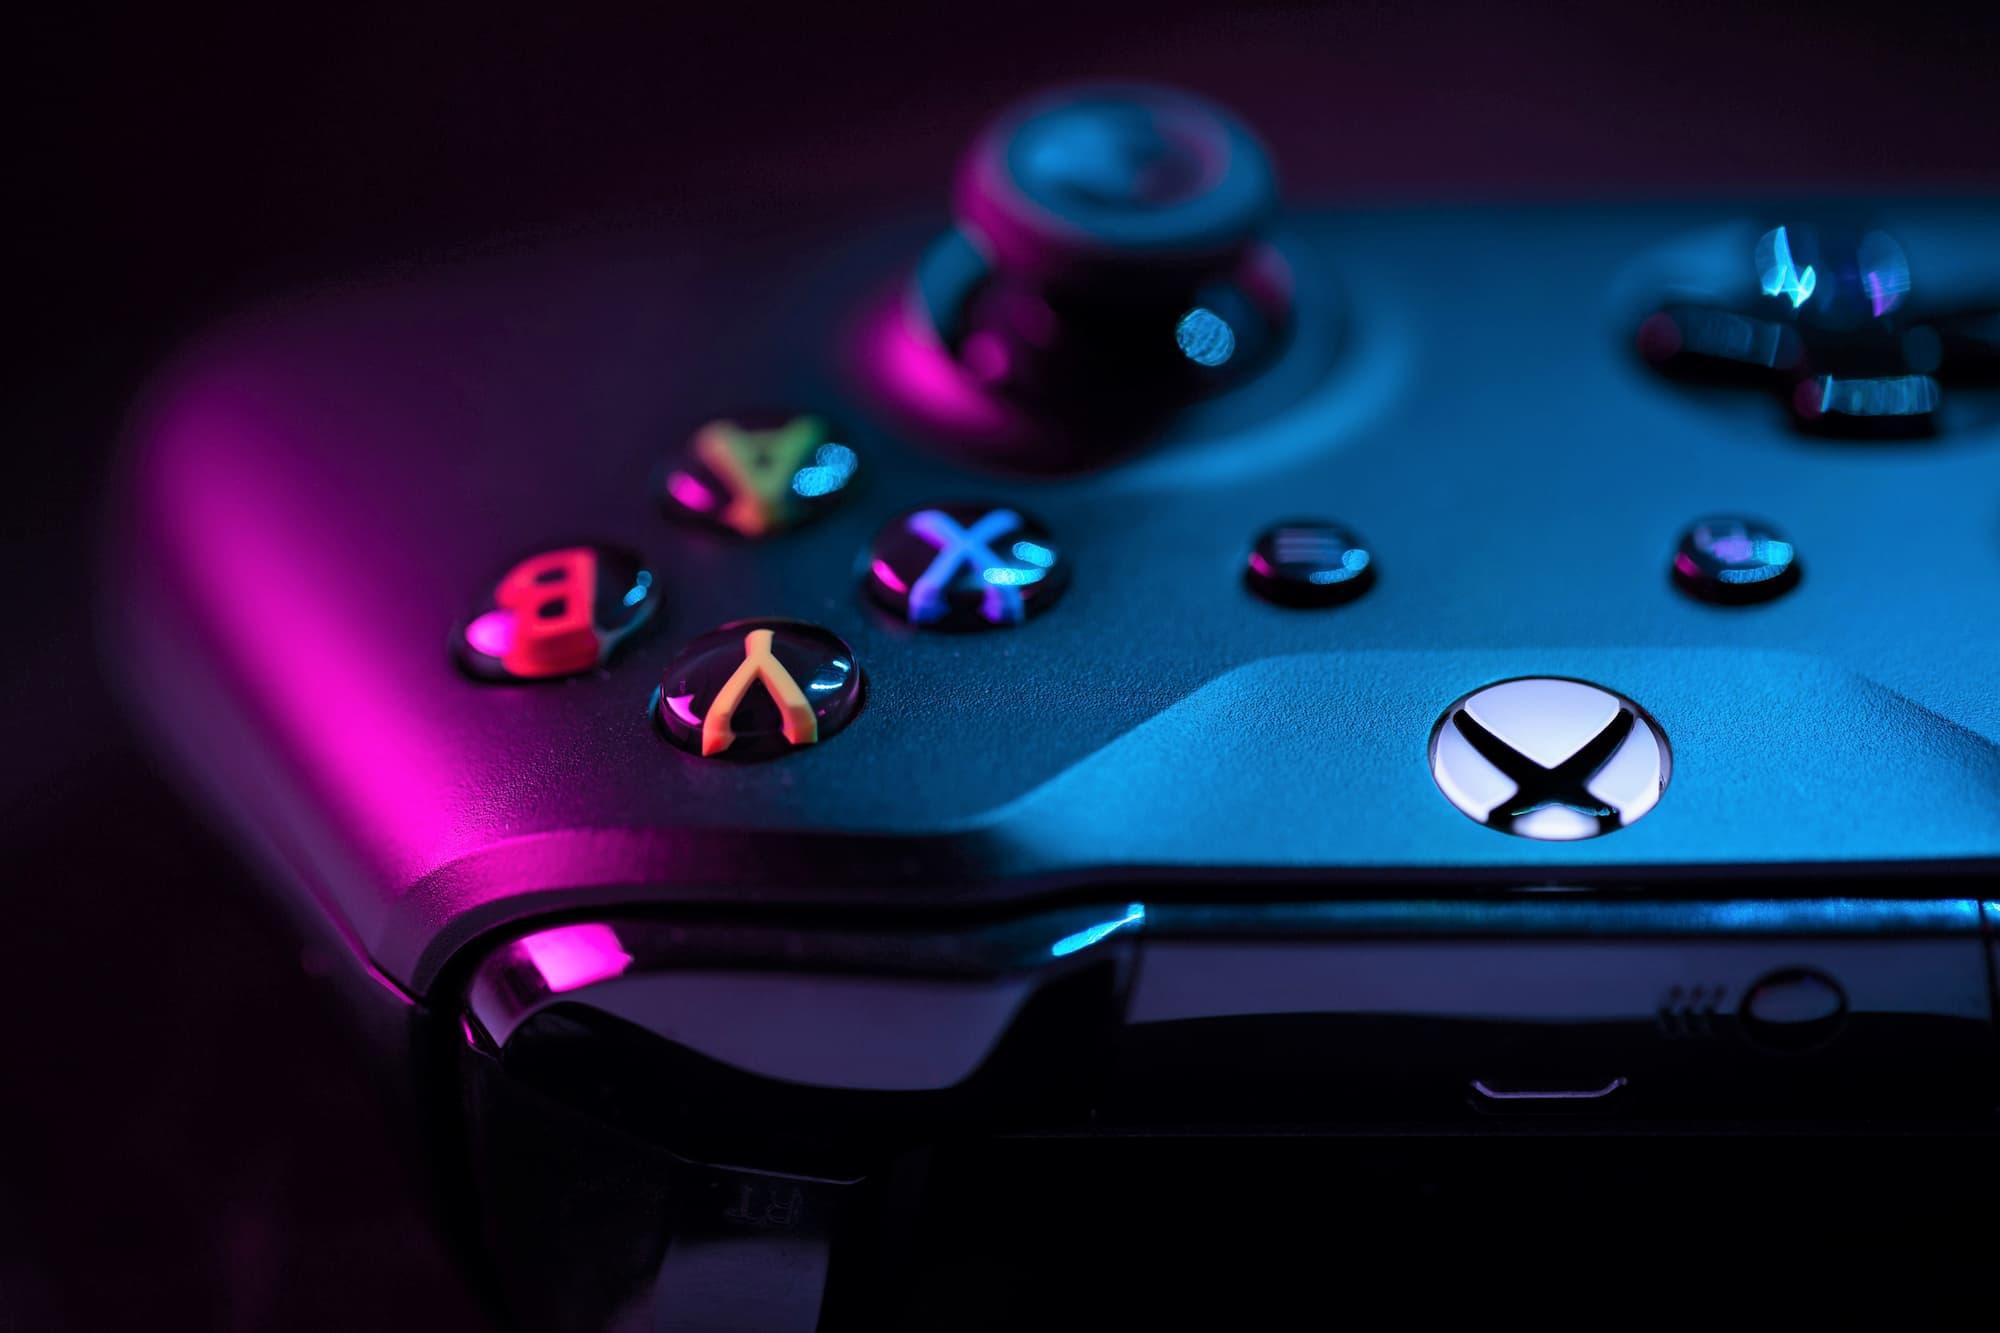 gay, video games, gaming, china